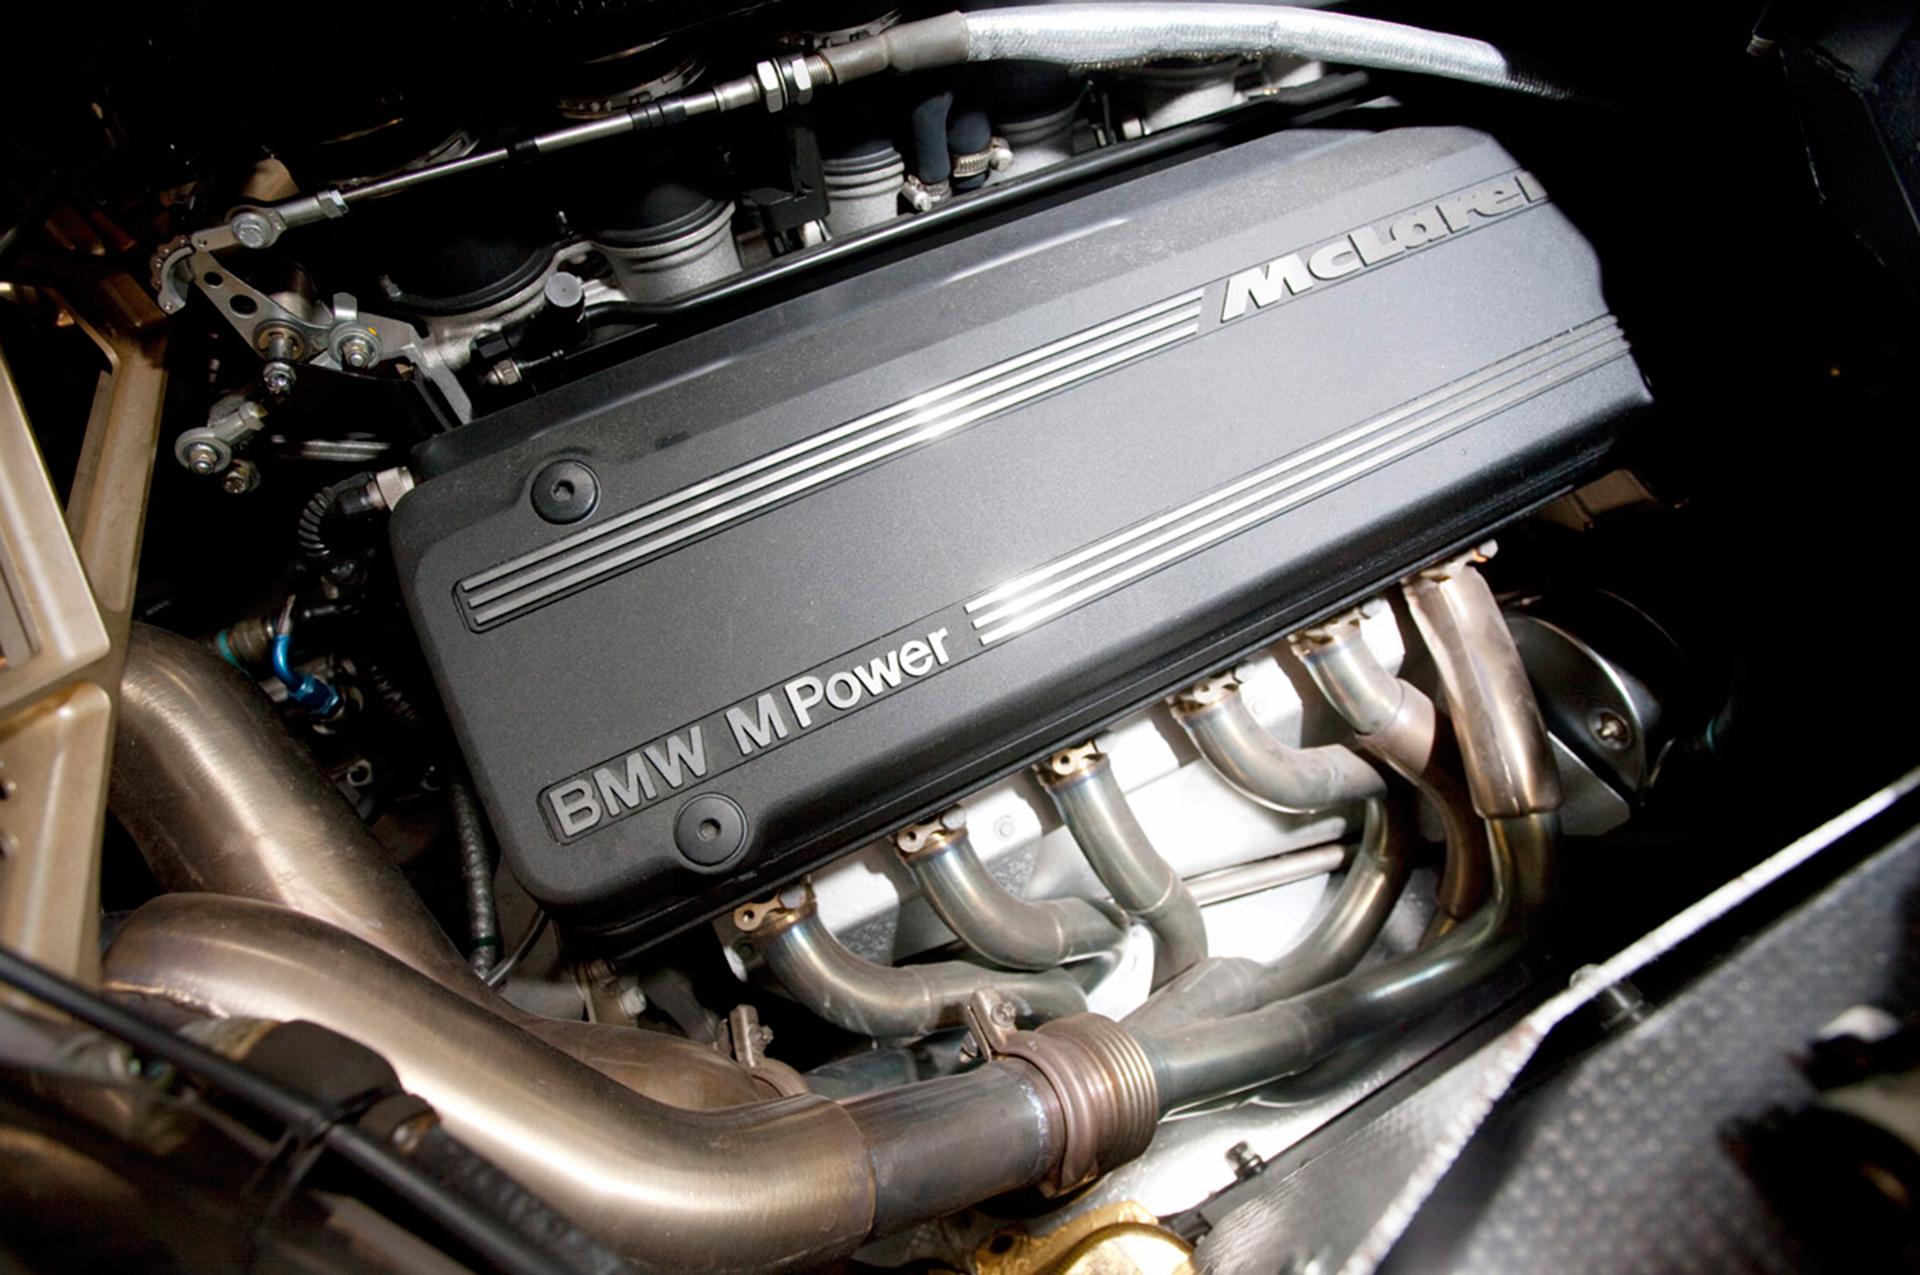 McLaren F1 BMW Engine